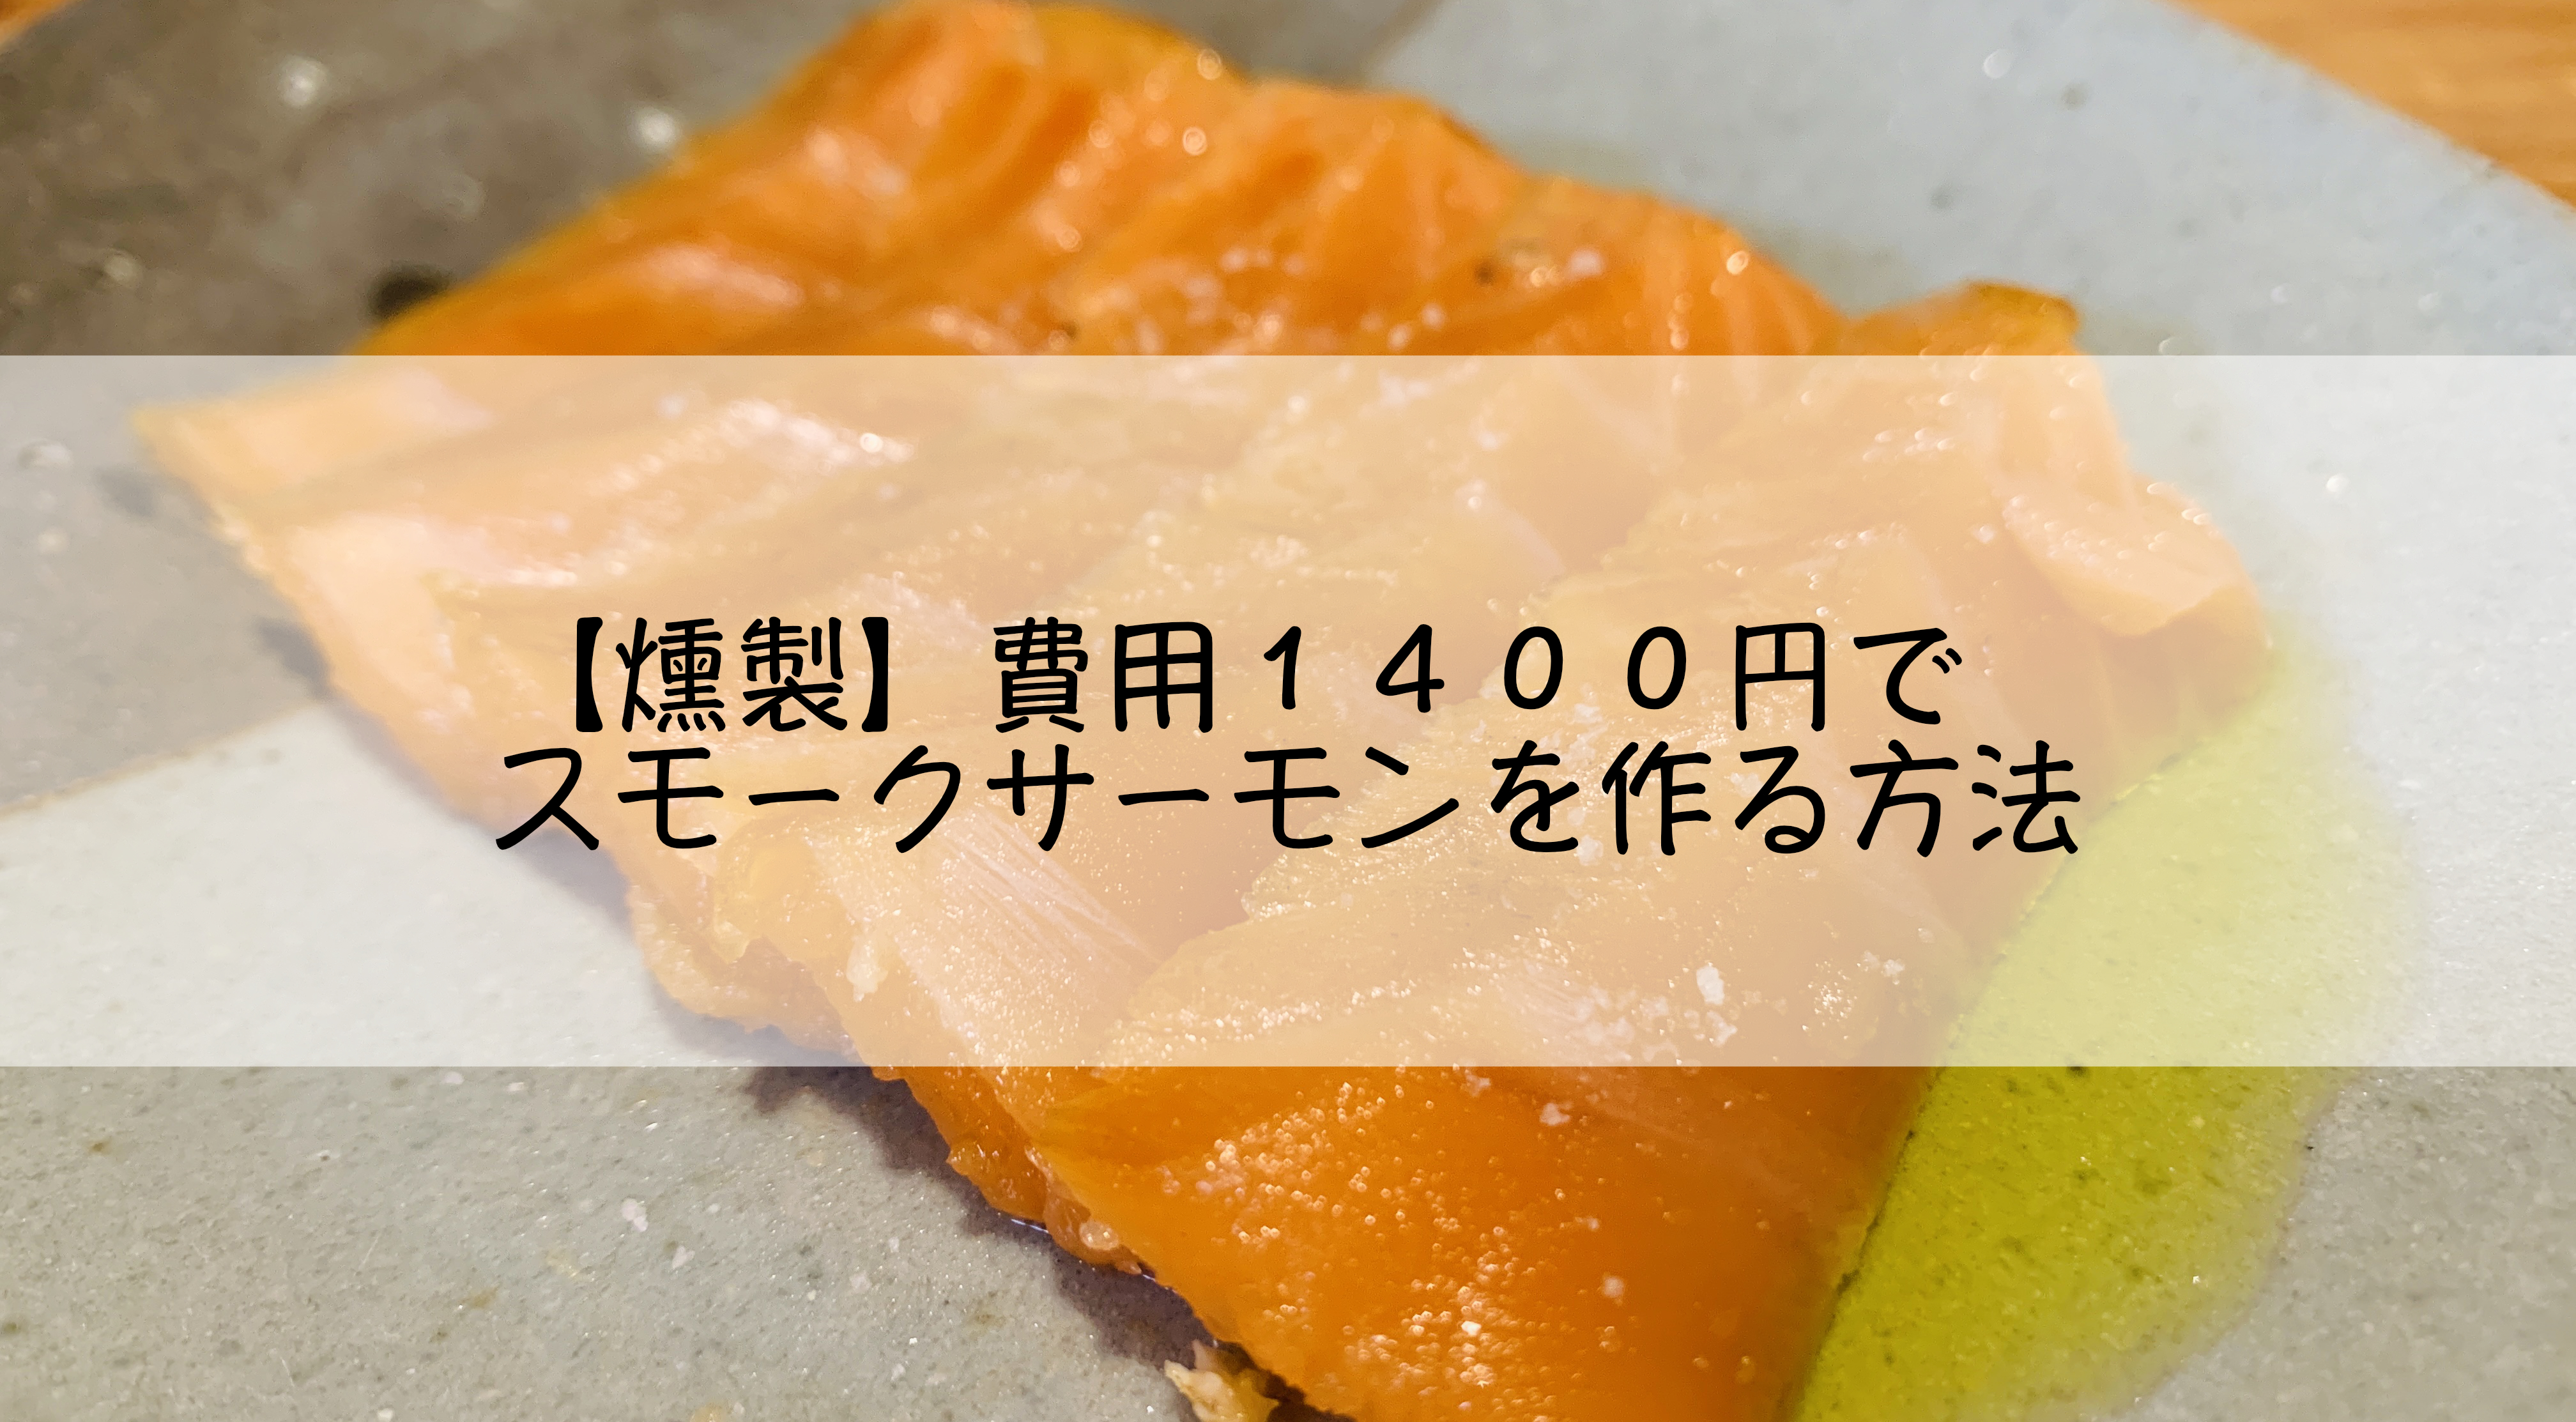 【燻製】超簡単に30分で美味しいスモークサーモンを作る方法!